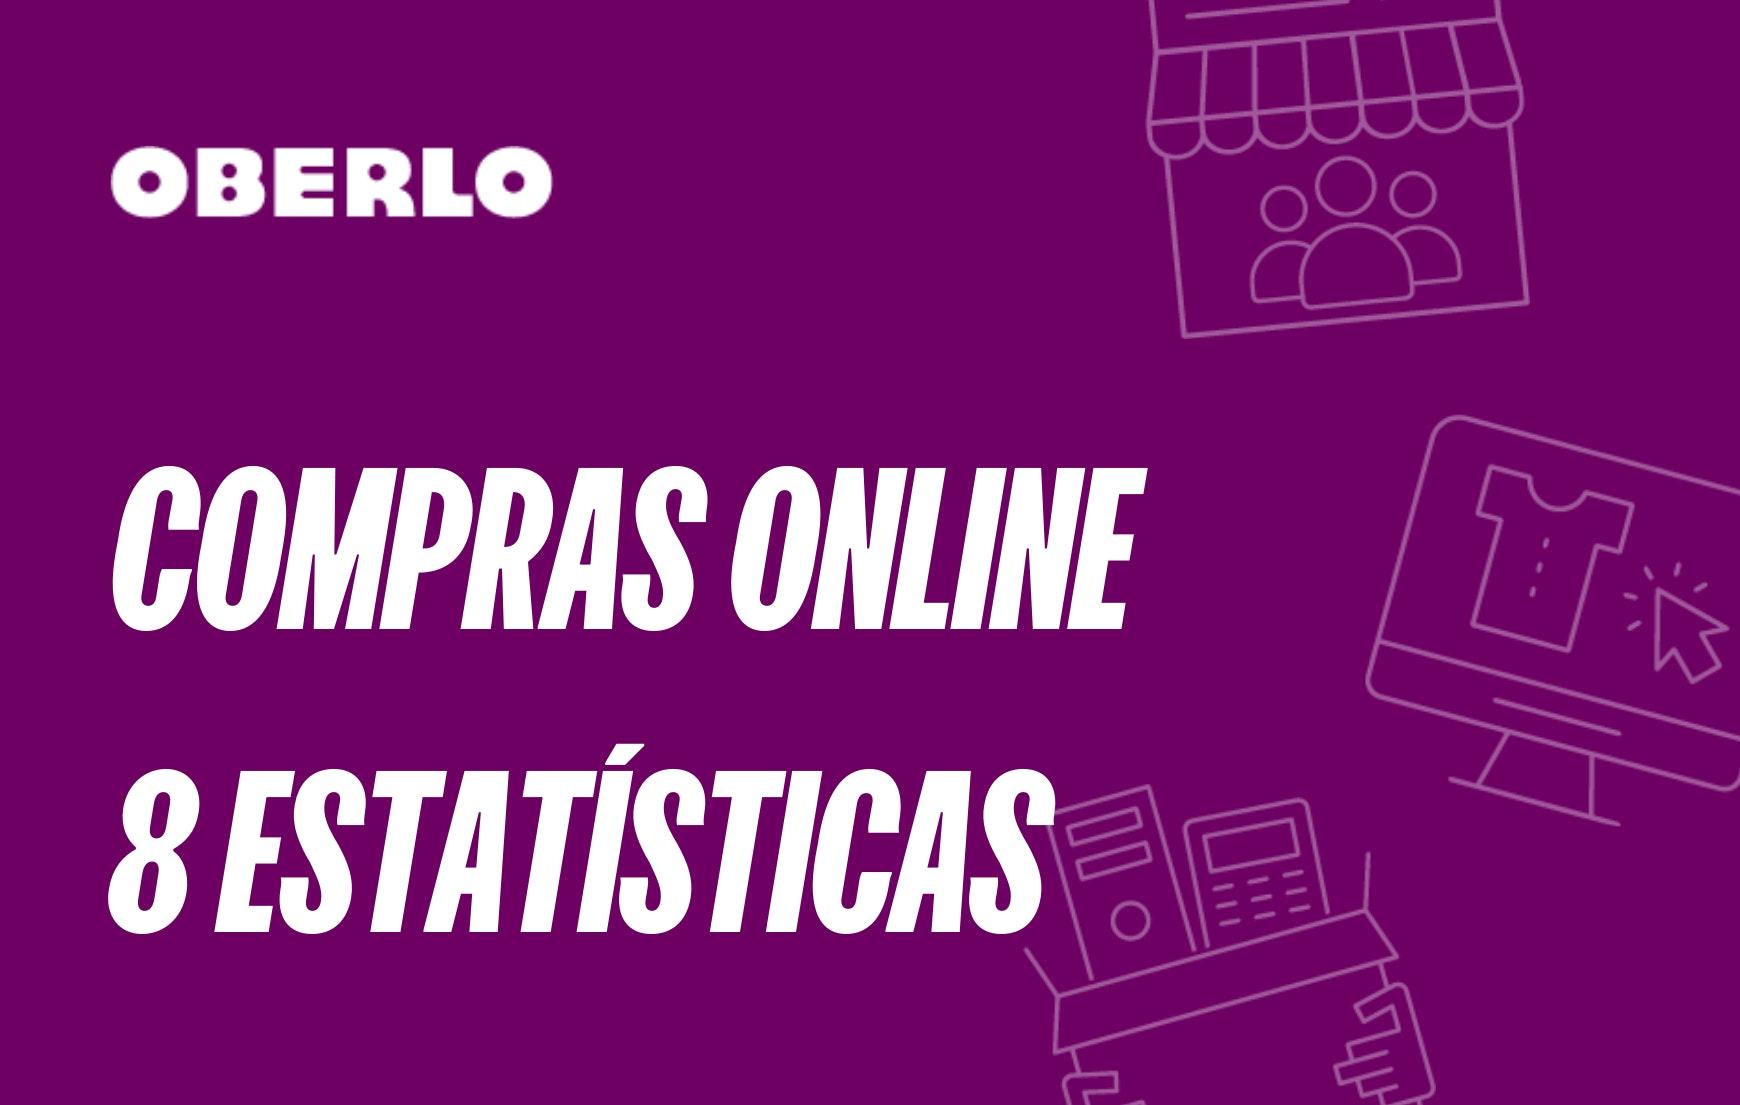 8 estatísticas sobre compras online para o ano de 2021